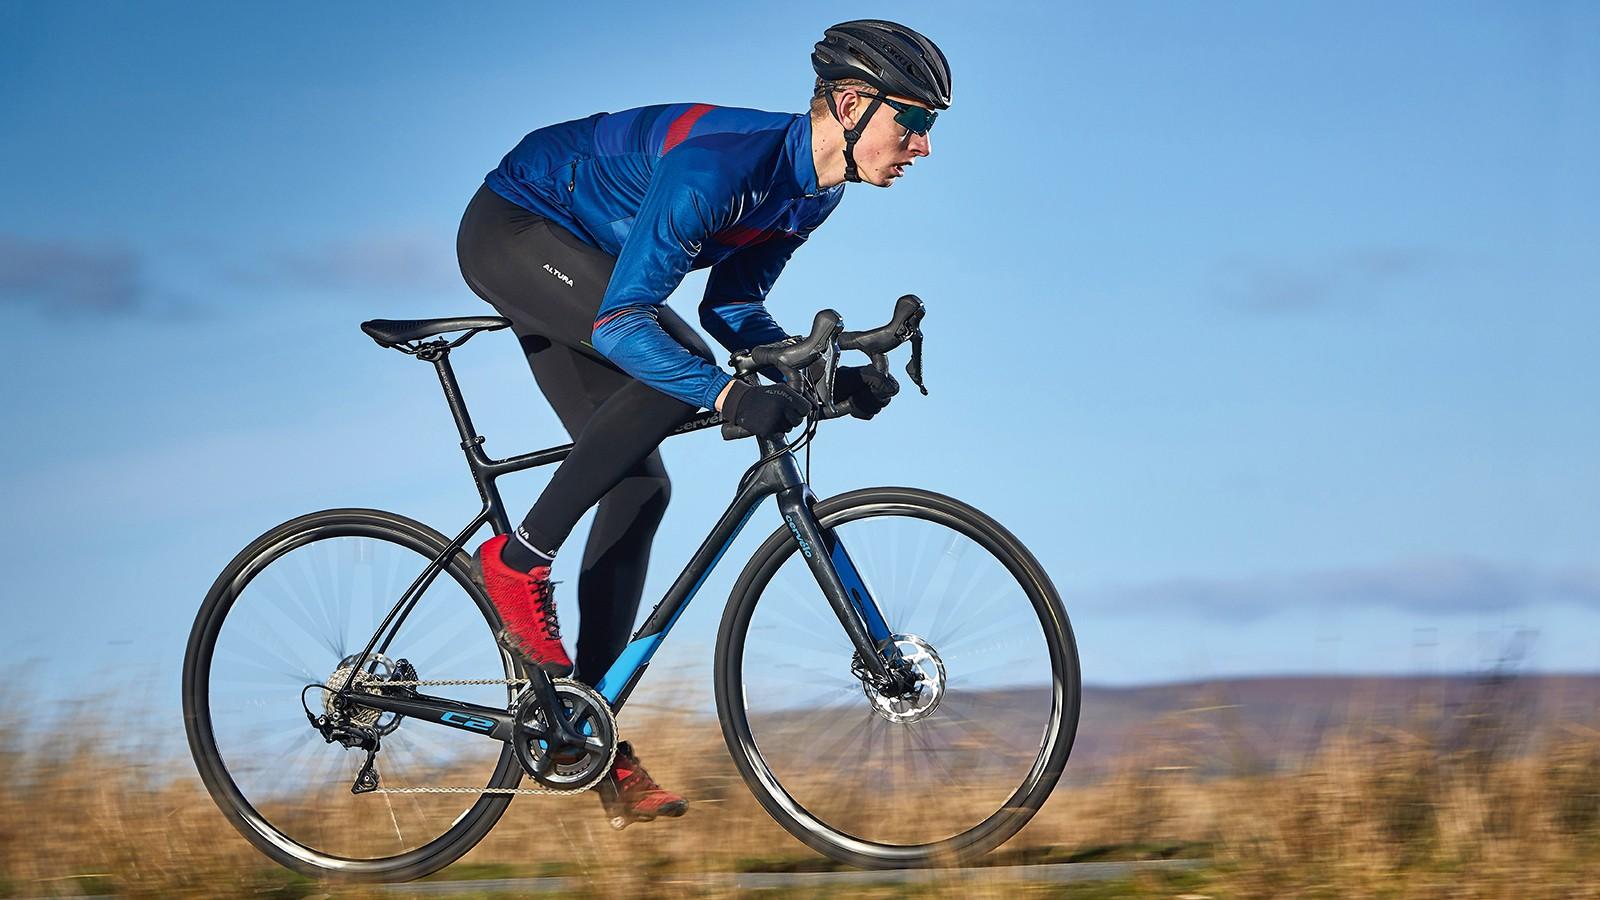 male cyclist riding black bike